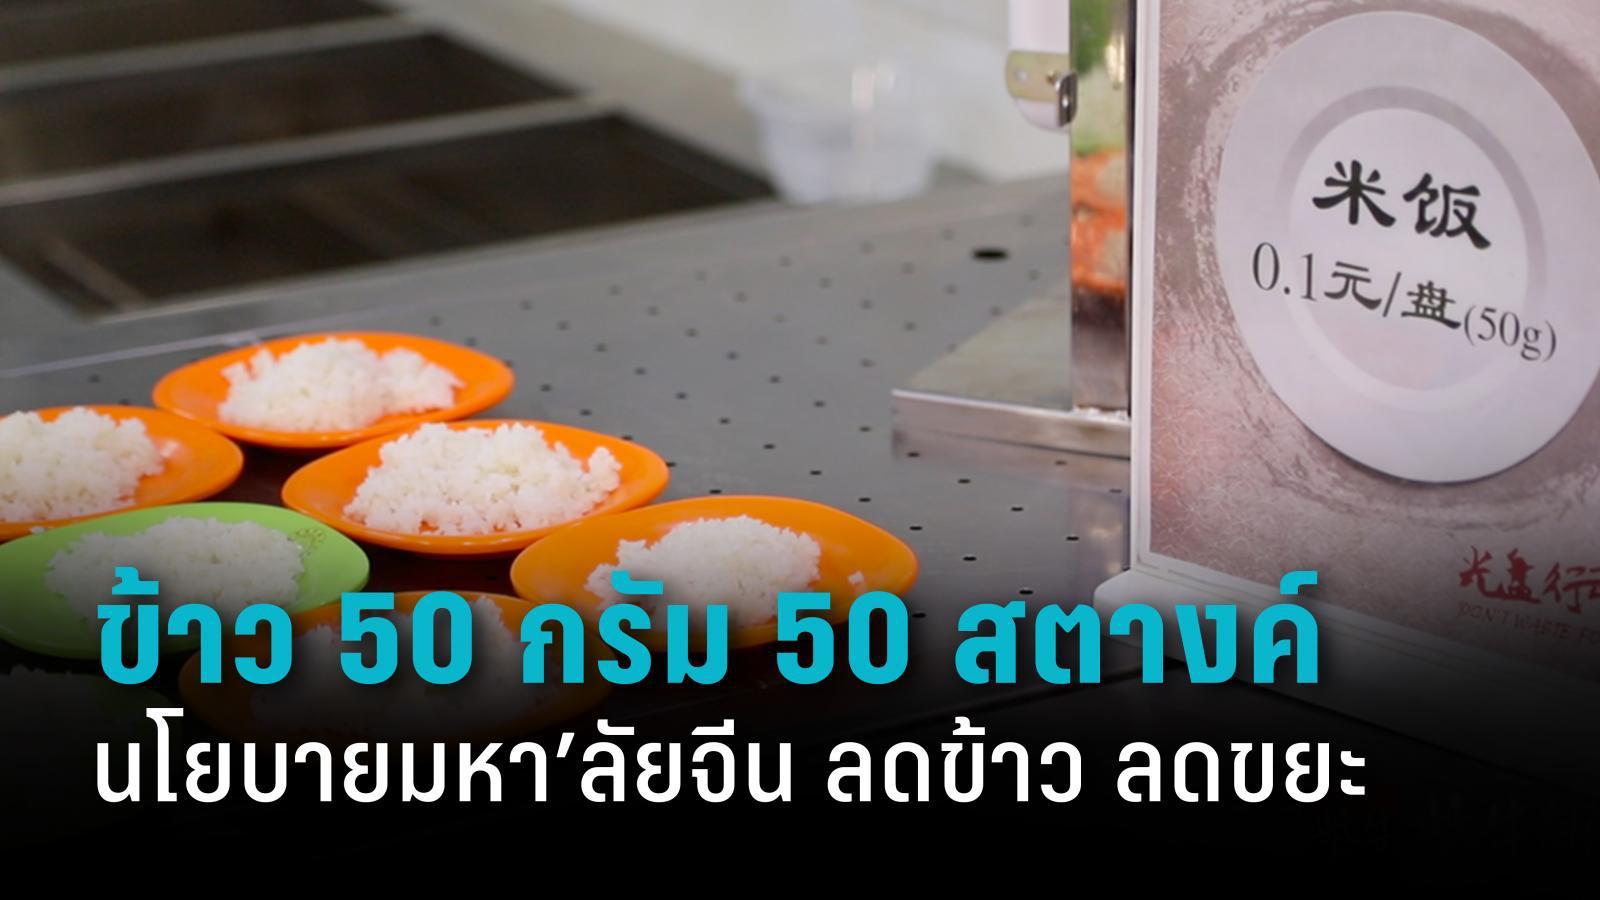 """มหา'ลัยจีนขายข้าว 50 กรัม 50 สตางค์ รณรงค์นักเรียนปฏิบัติตาม """"ปฏิบัติการจานเปล่า"""""""